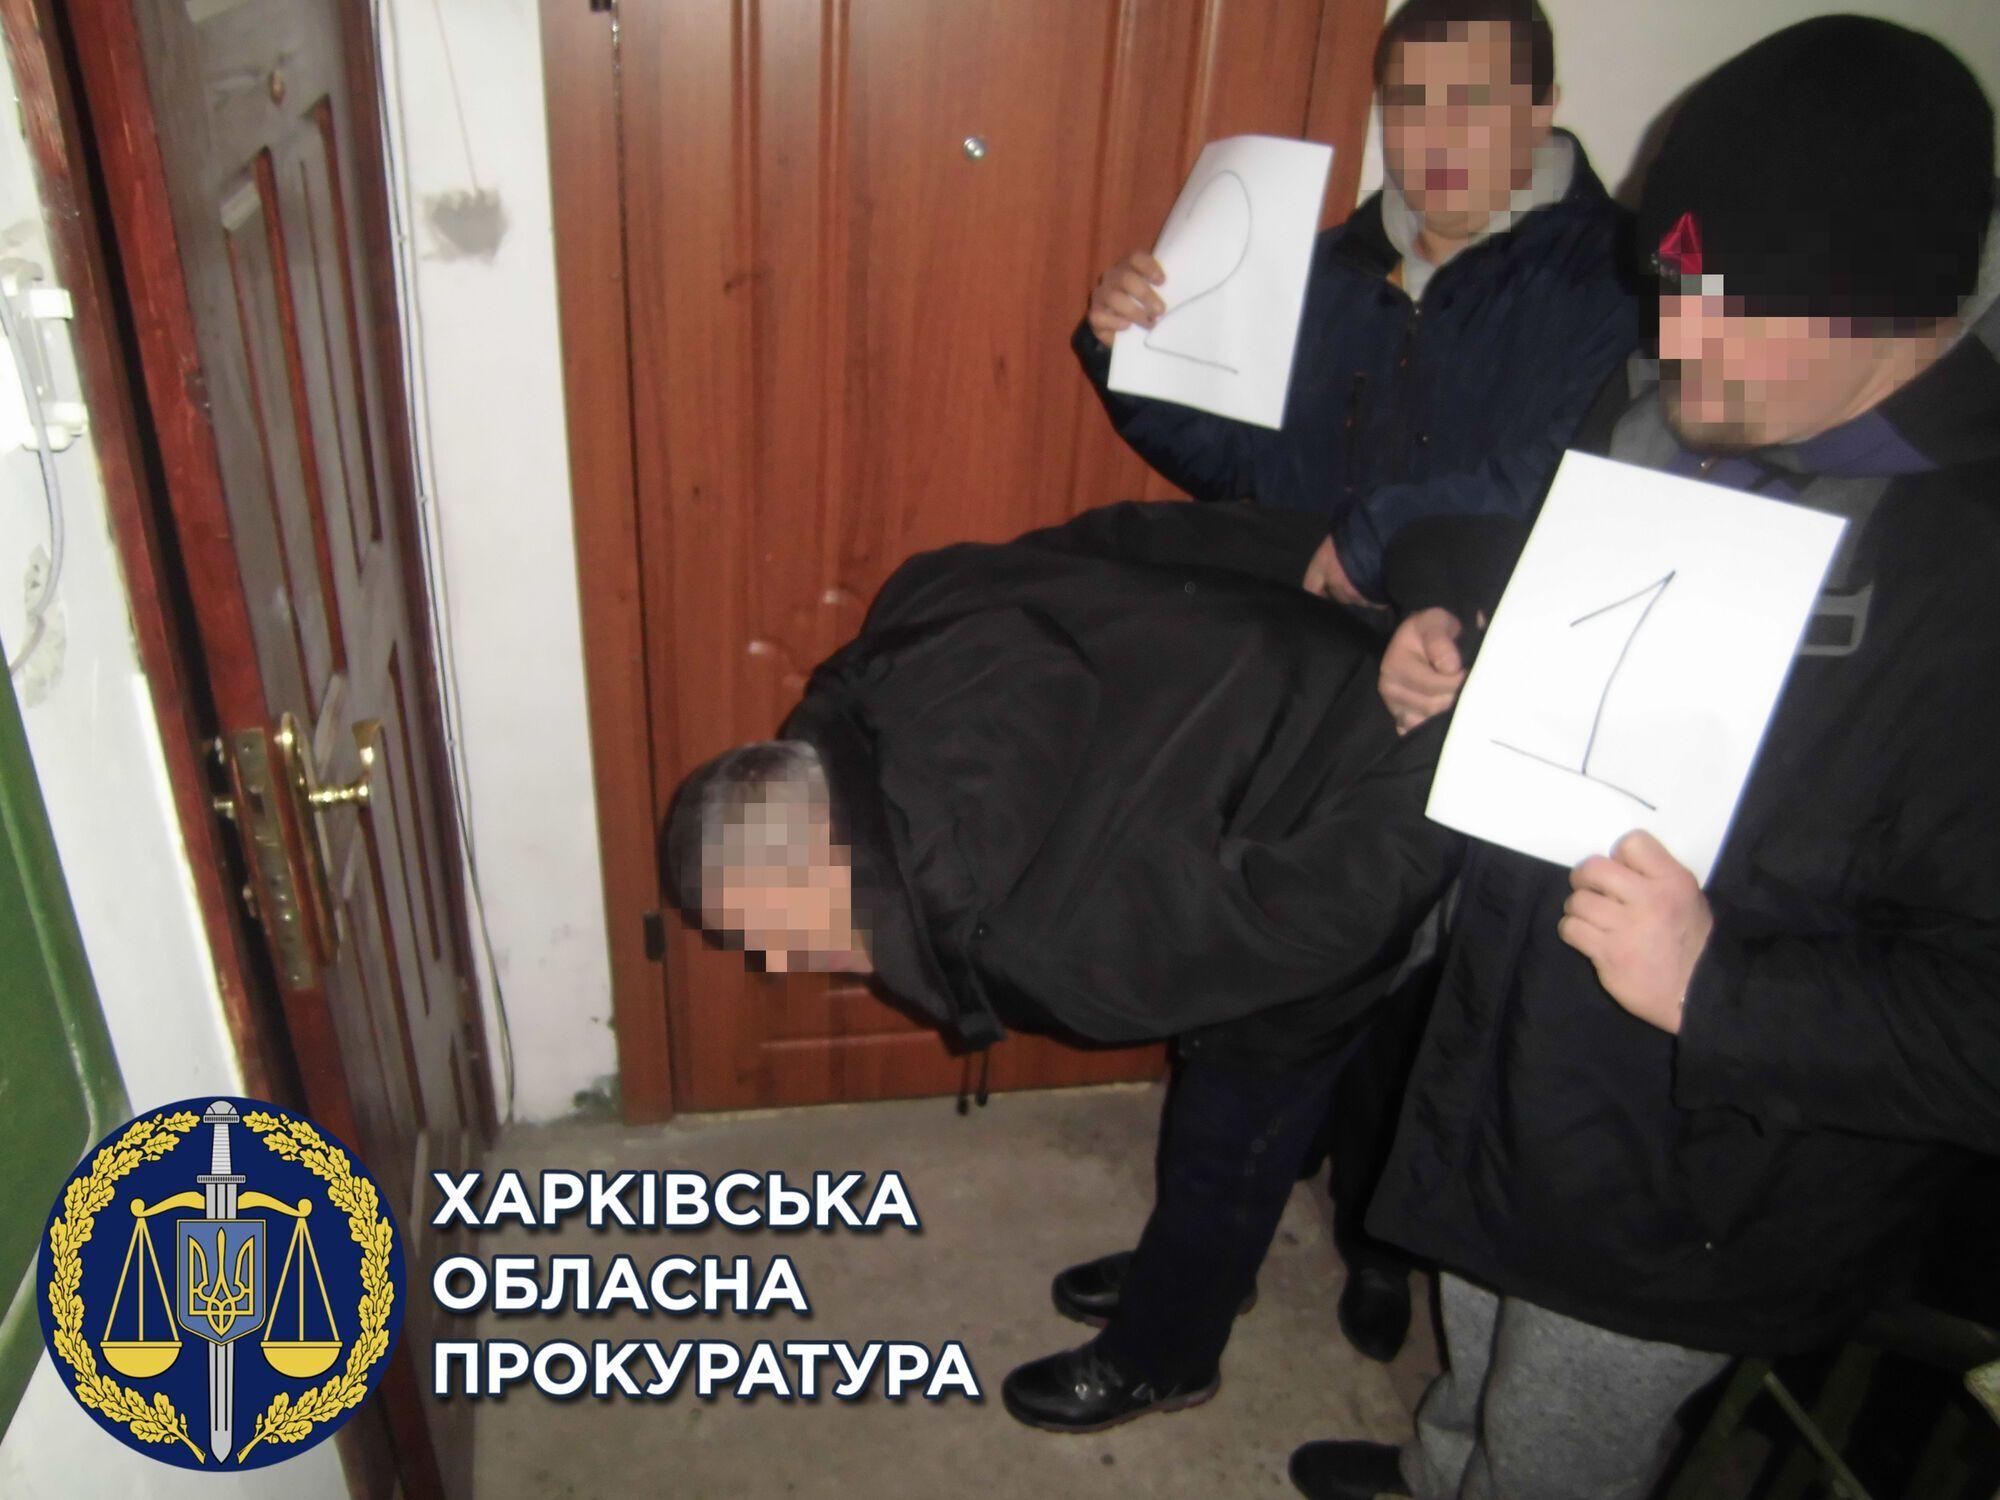 Полицейские украли деньги и золото у вора